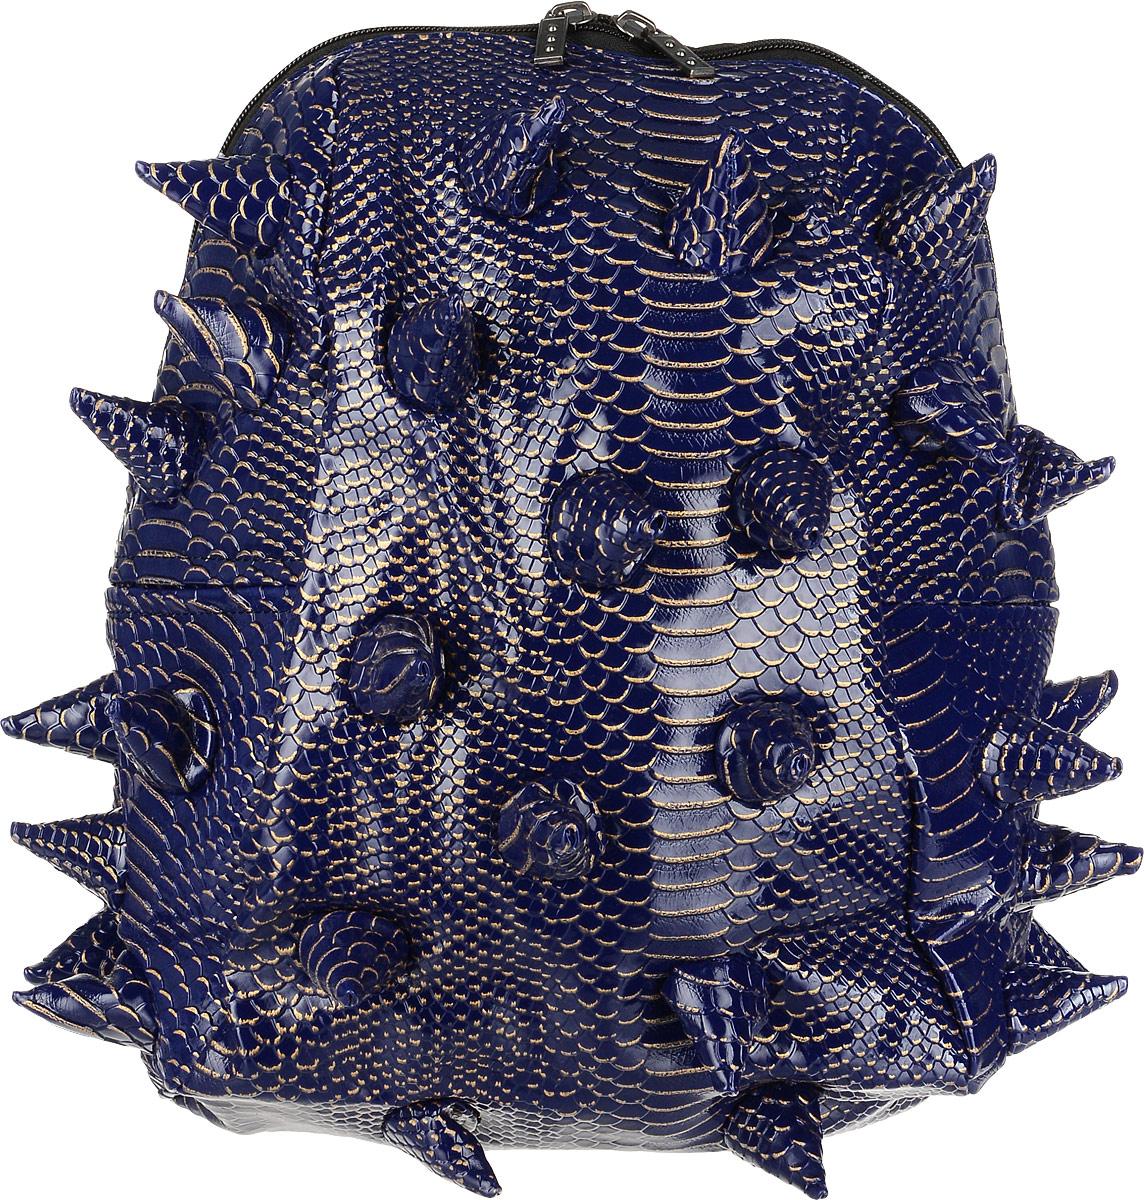 Рюкзак городской MadPax Gator Half. LUXE, цвет: синий, золотой, 16 л